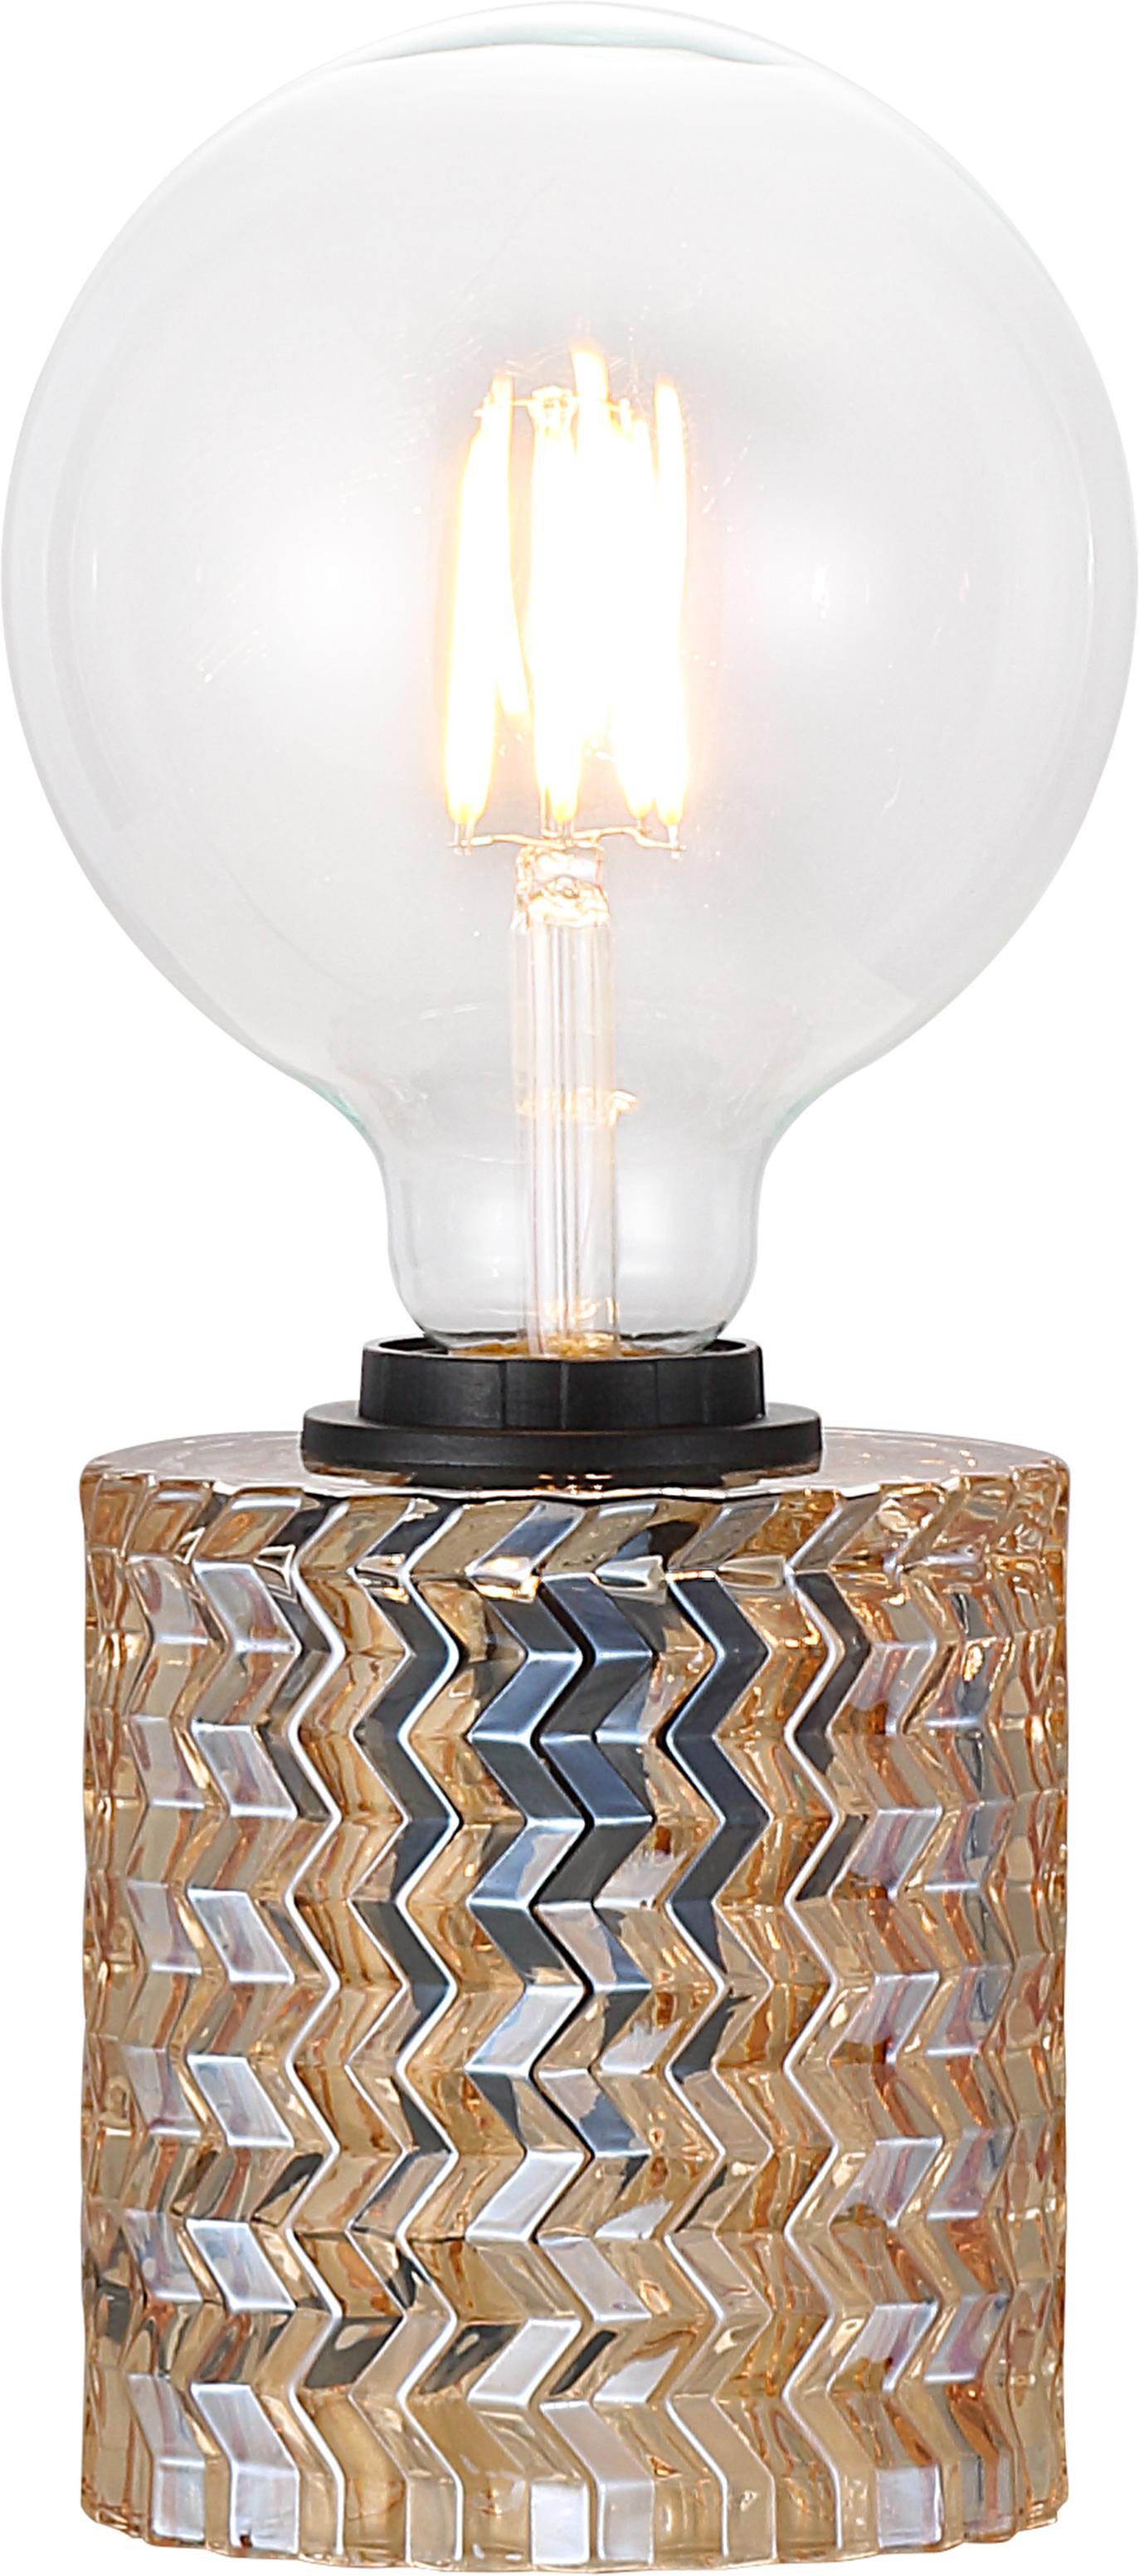 Lampa stołowa ze szkła Hollywood, Złoty, Ø 11 x W 13 cm